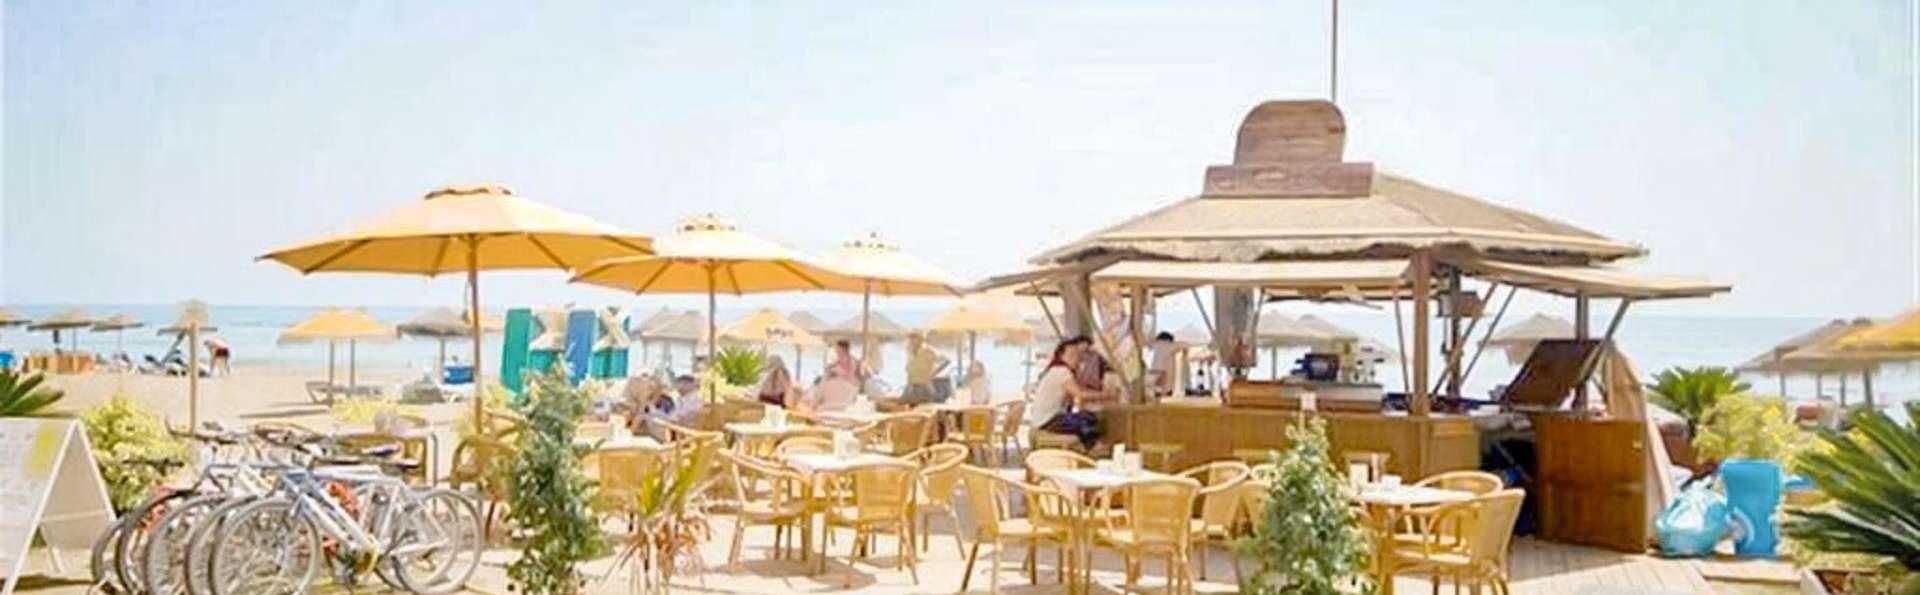 Hotel Rincón Sol - EDIT_EXTERIOR_02.jpg